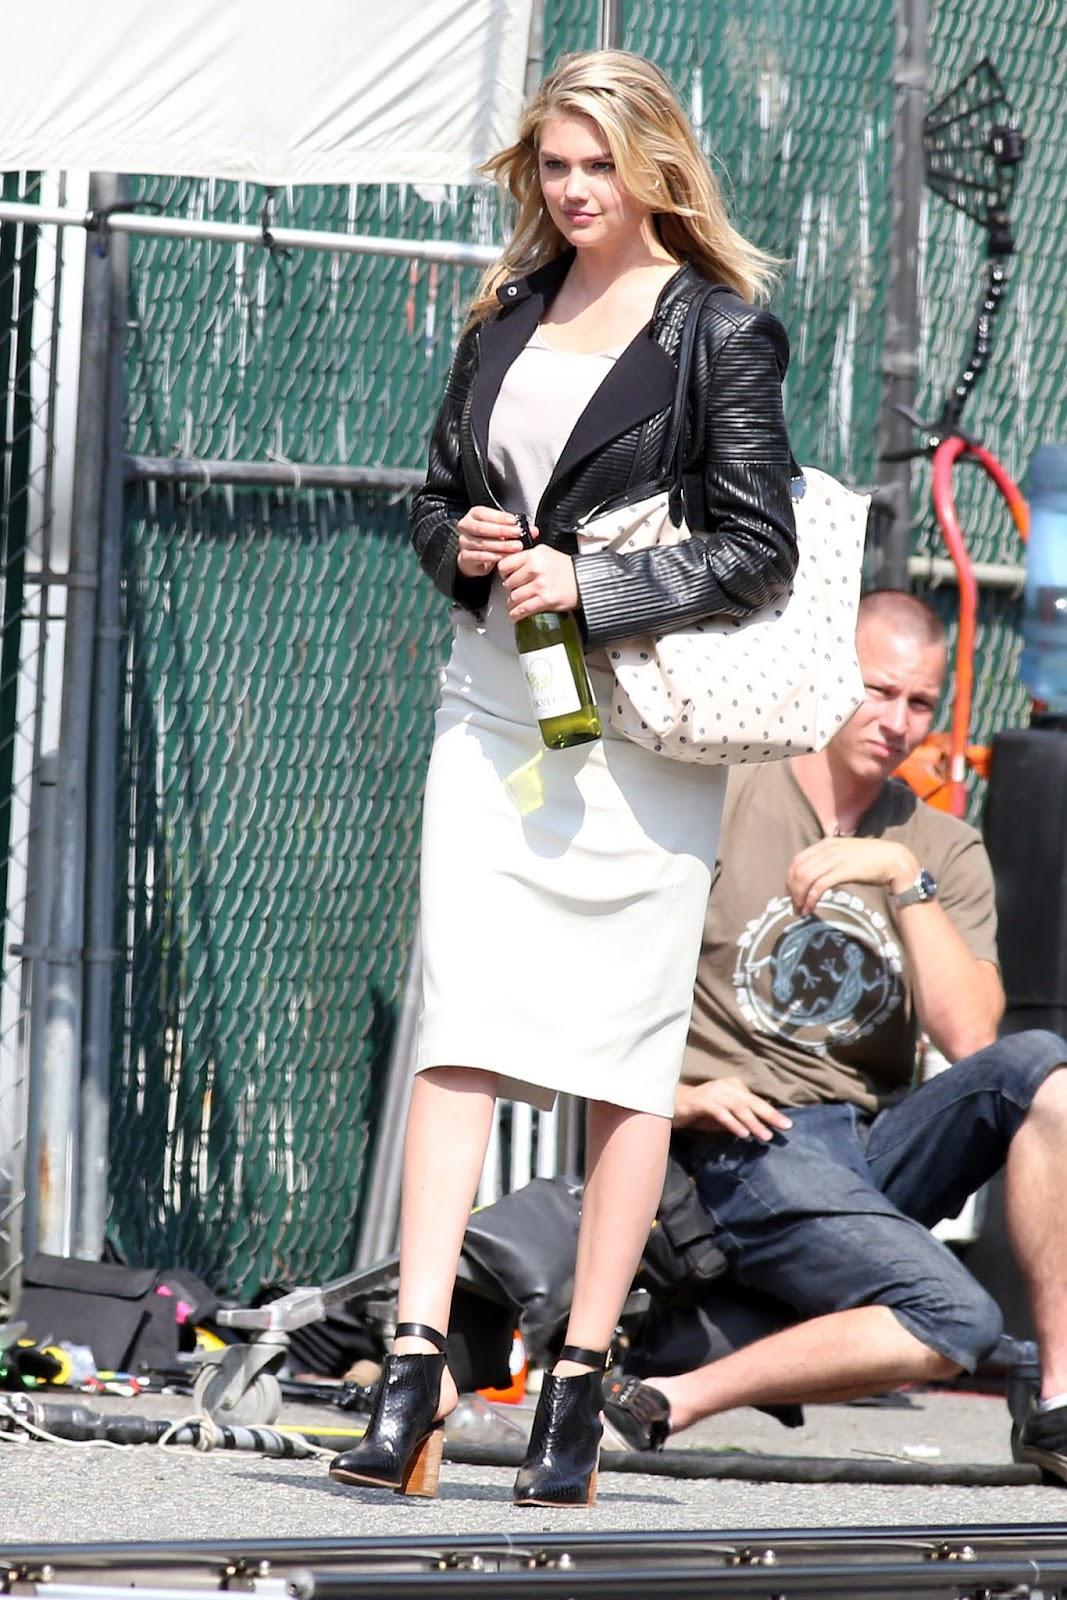 Photo : コメディ映画の主演作「ザ・レイオーバー」のロケで、また昼間っから酔っぱらおうとし